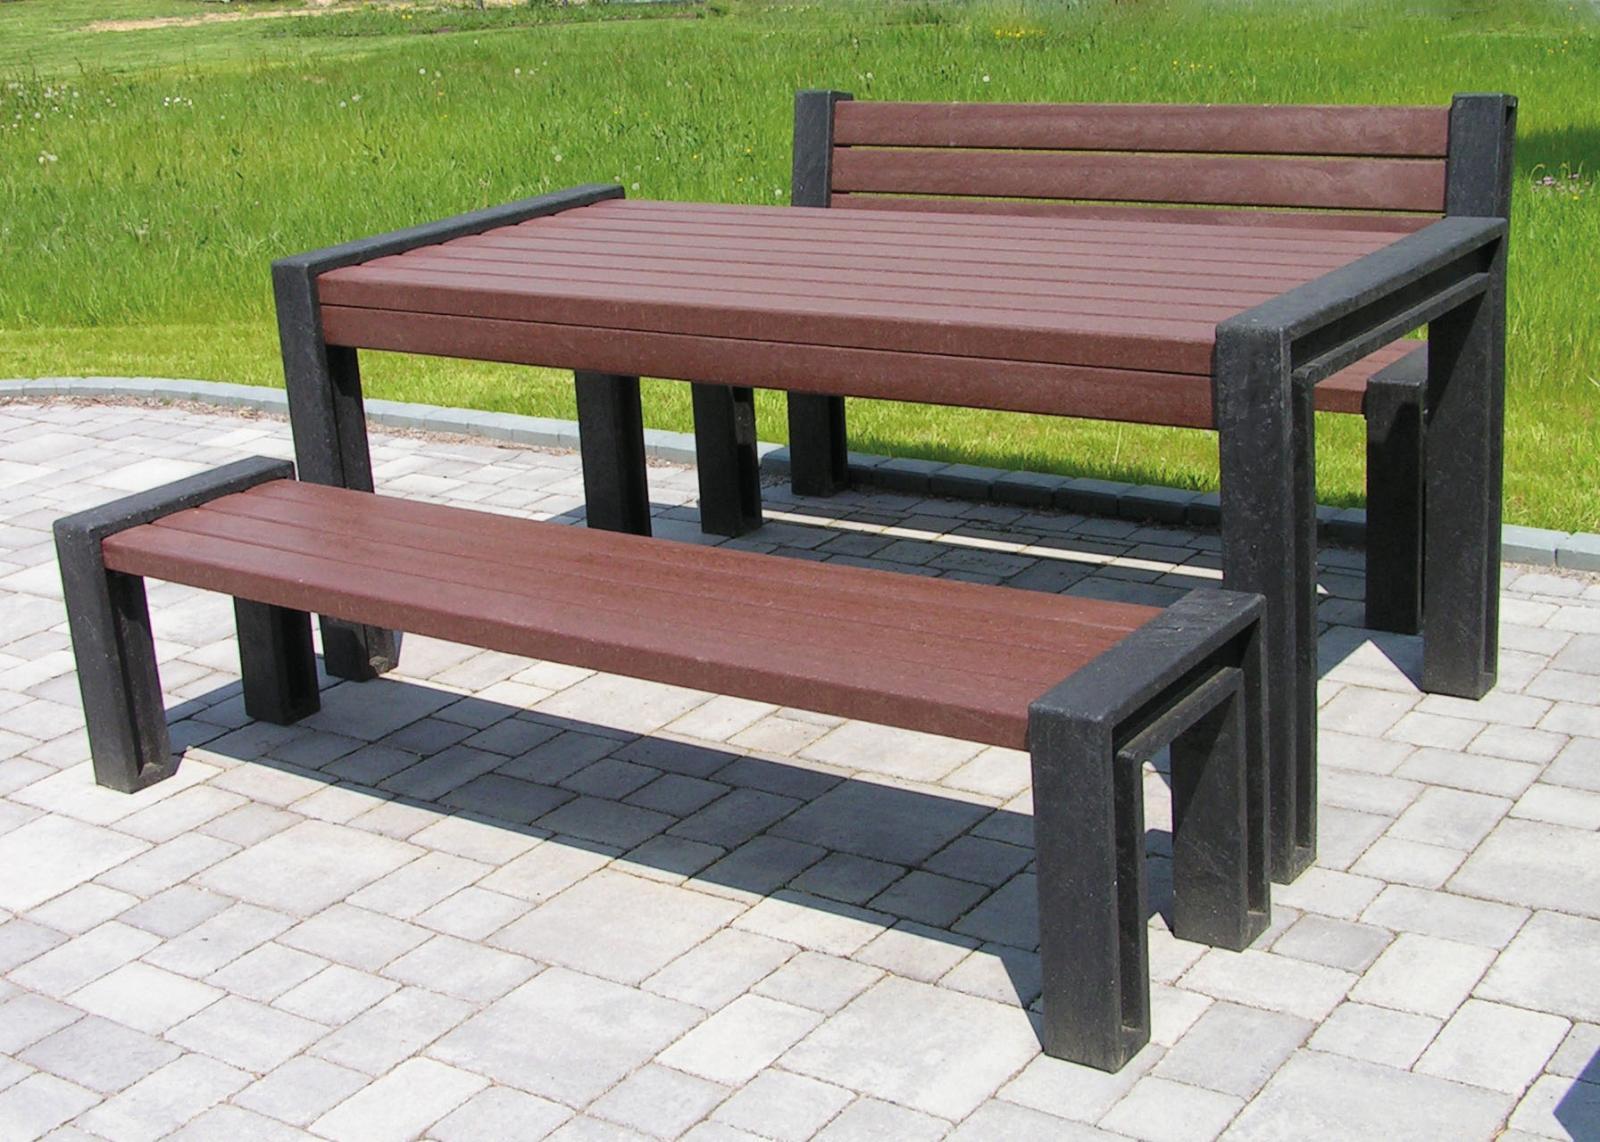 kunststoff sitzgruppe rk shop recycling kunststoff produkte. Black Bedroom Furniture Sets. Home Design Ideas